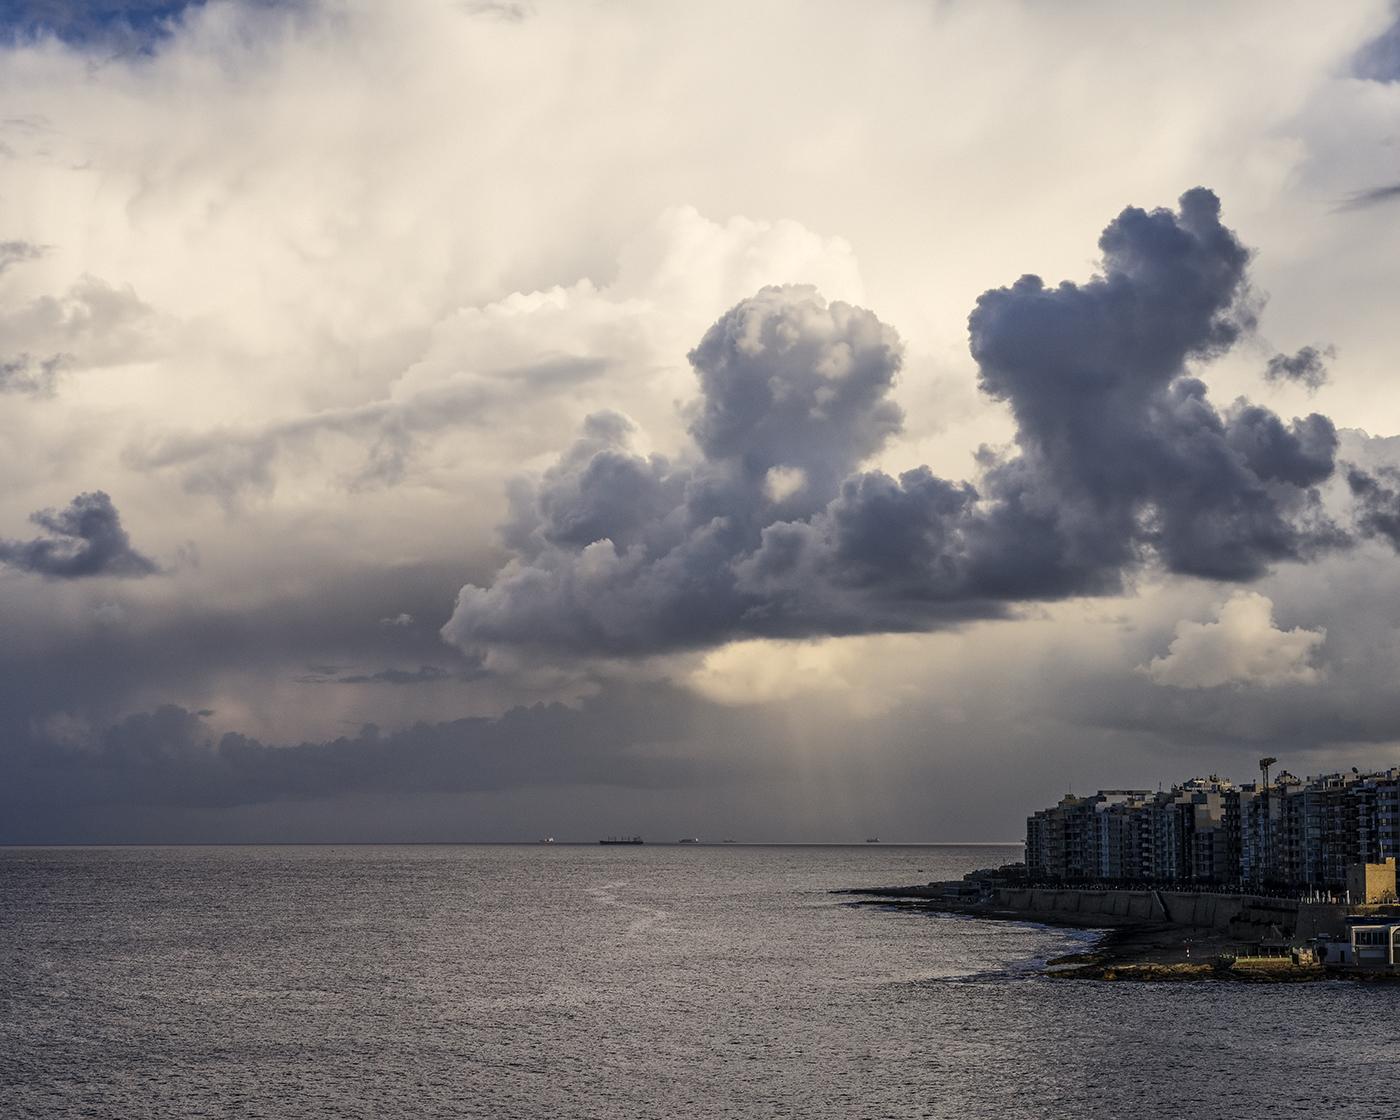 Malta after a Storm